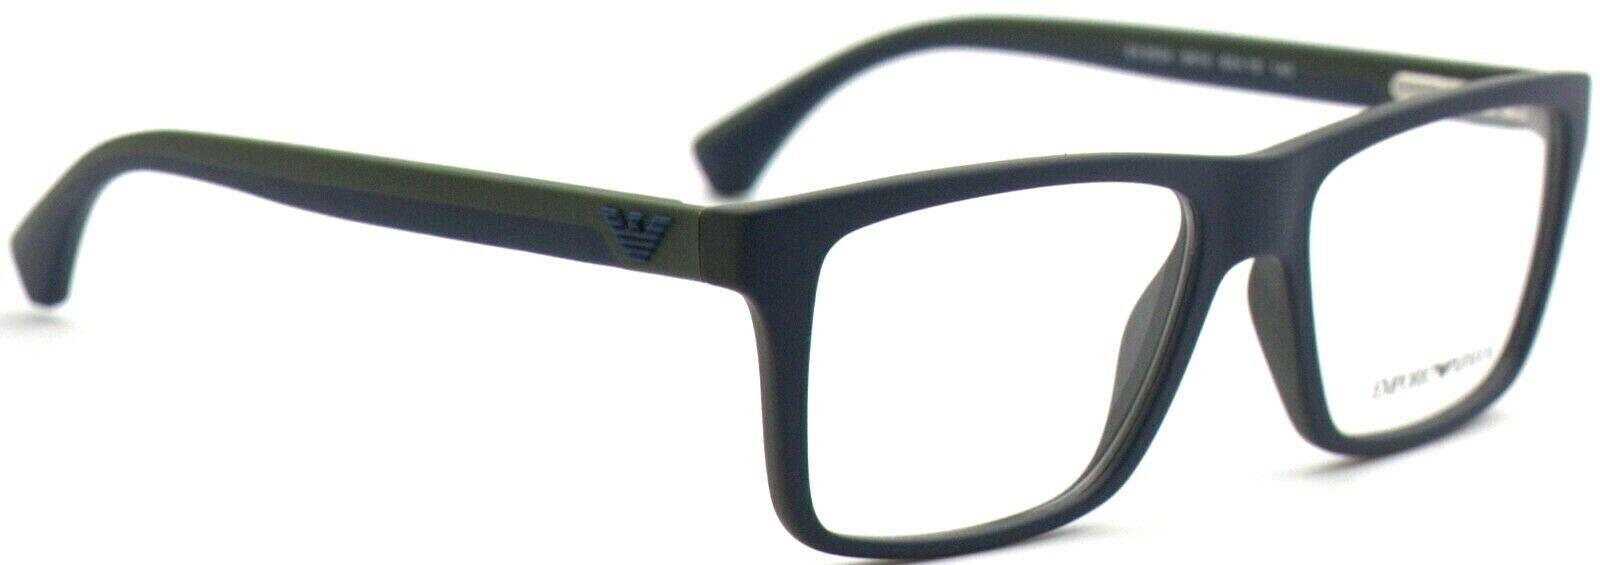 Emporio Armani Herren Brillenfassung EA3034 5615 53mm blau matt Vollrand 315 10